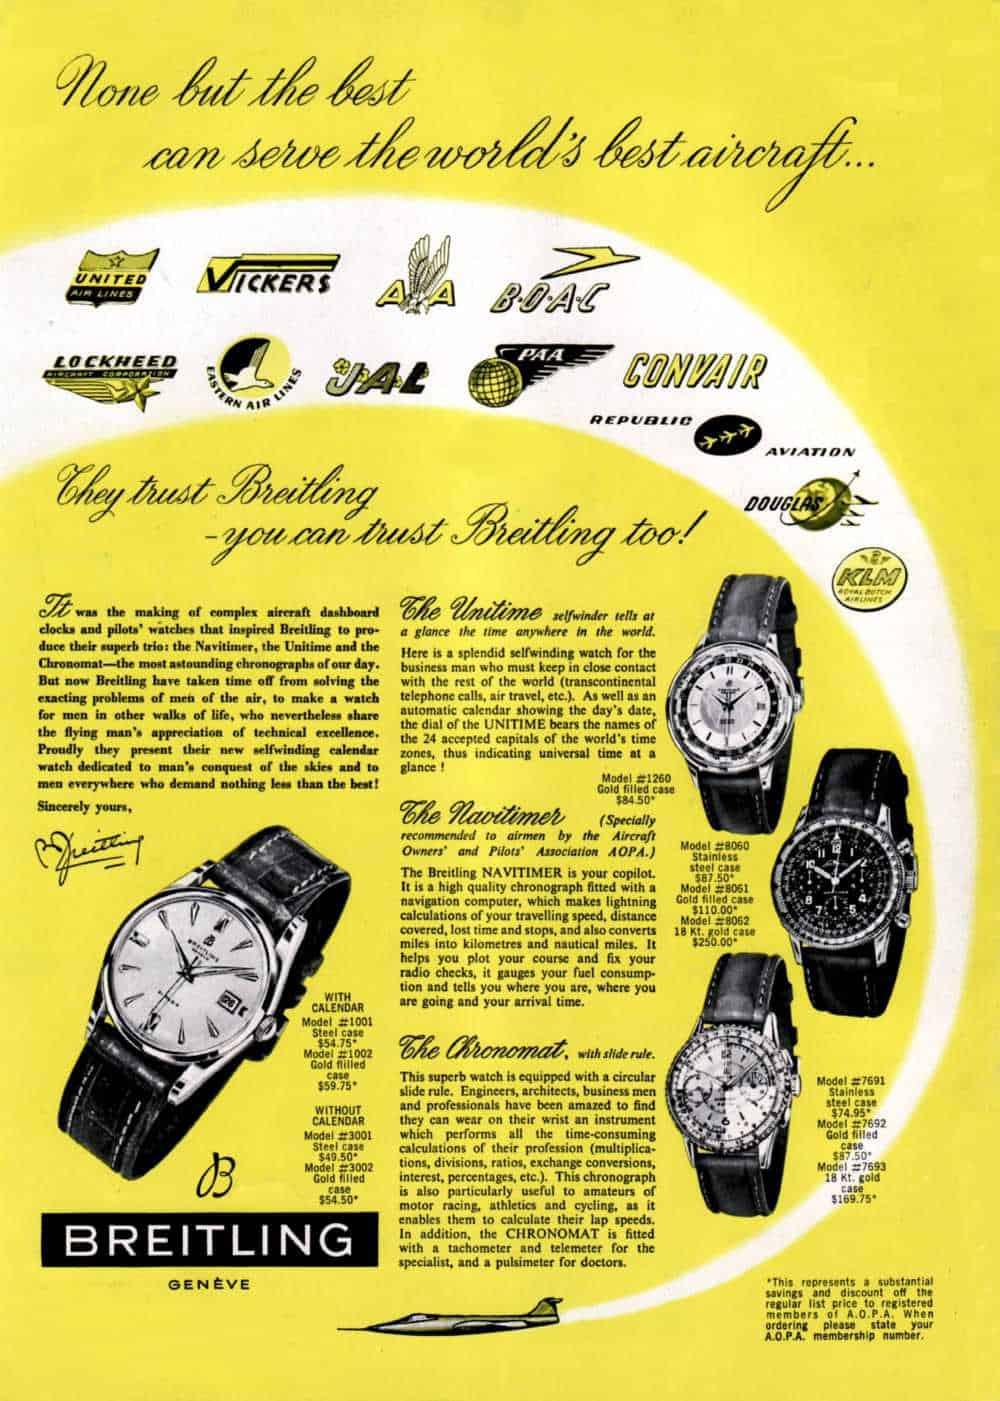 Das Breitling Inserat von 1956 für die Modelle Unitime, Navitimer und Chronomat war Fliegen pur